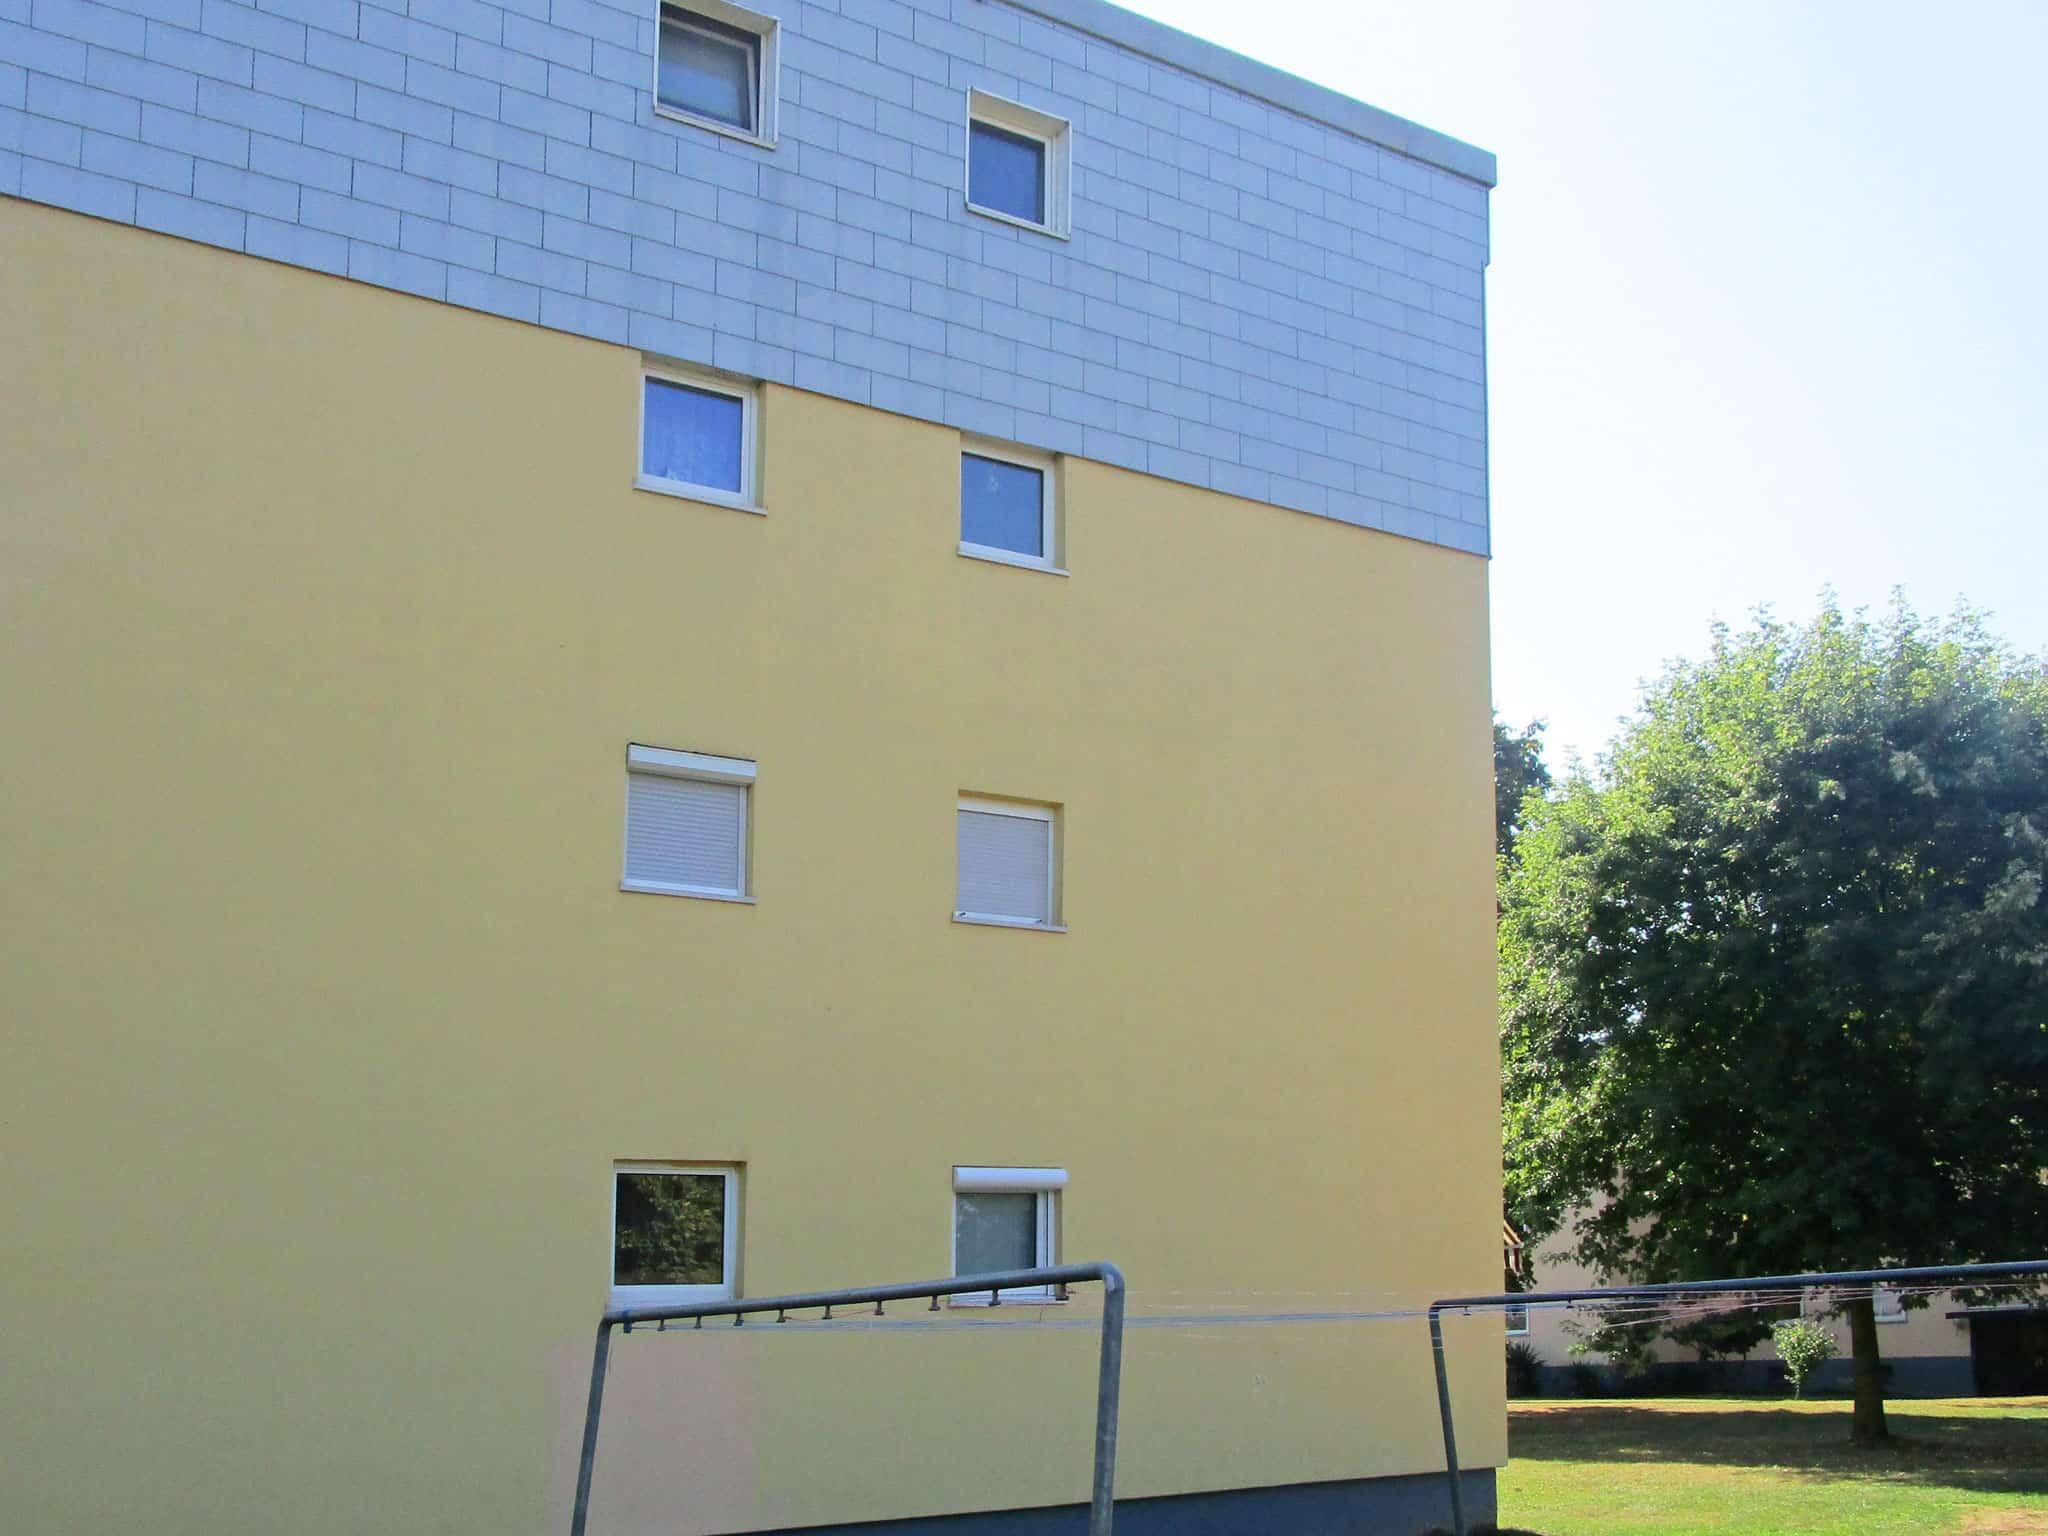 fertige Fassadenreinigung: sauberes Ergebnis